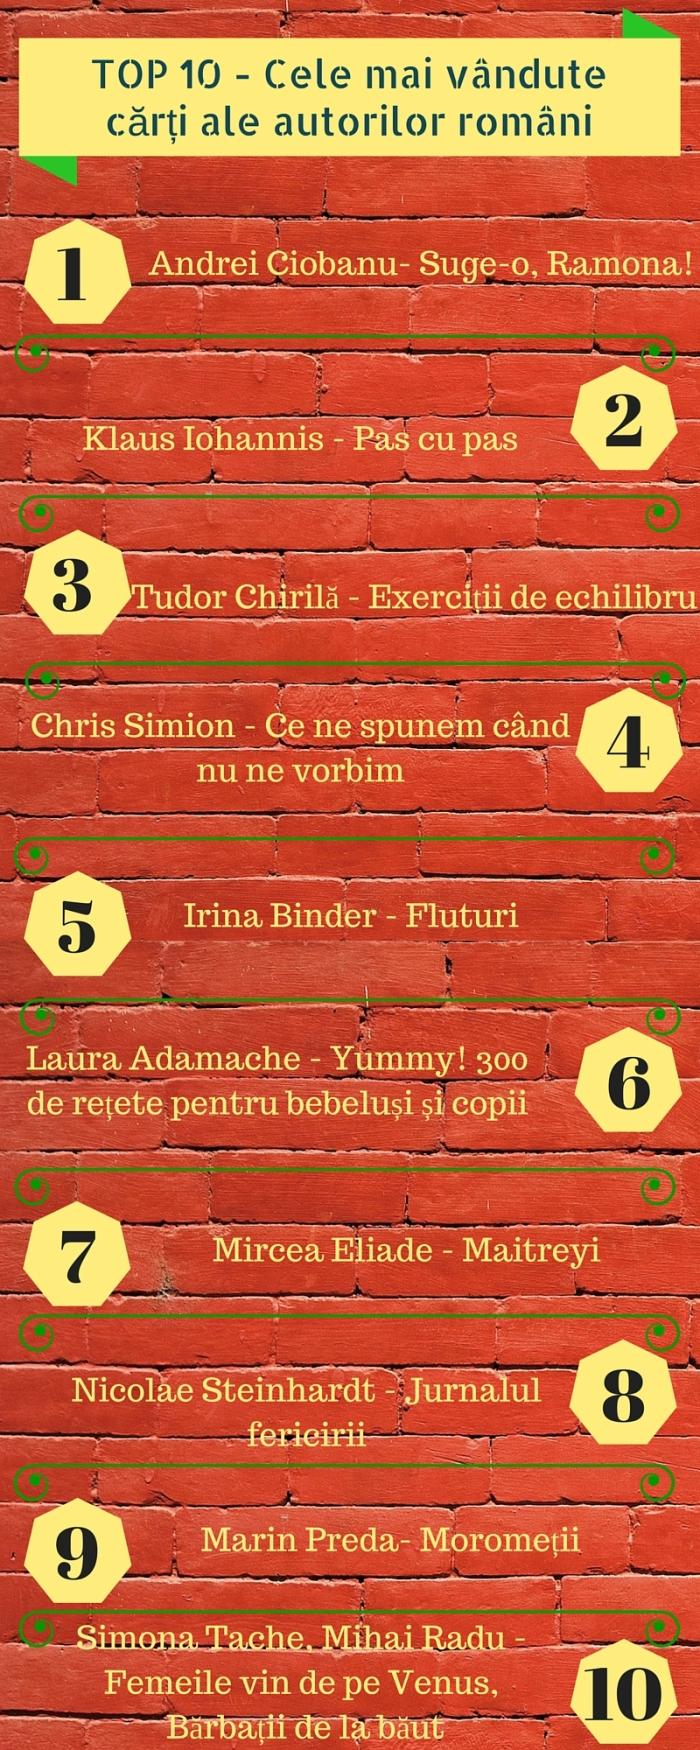 TOP 10 - Cele mai vândute cărți ale autorilor români